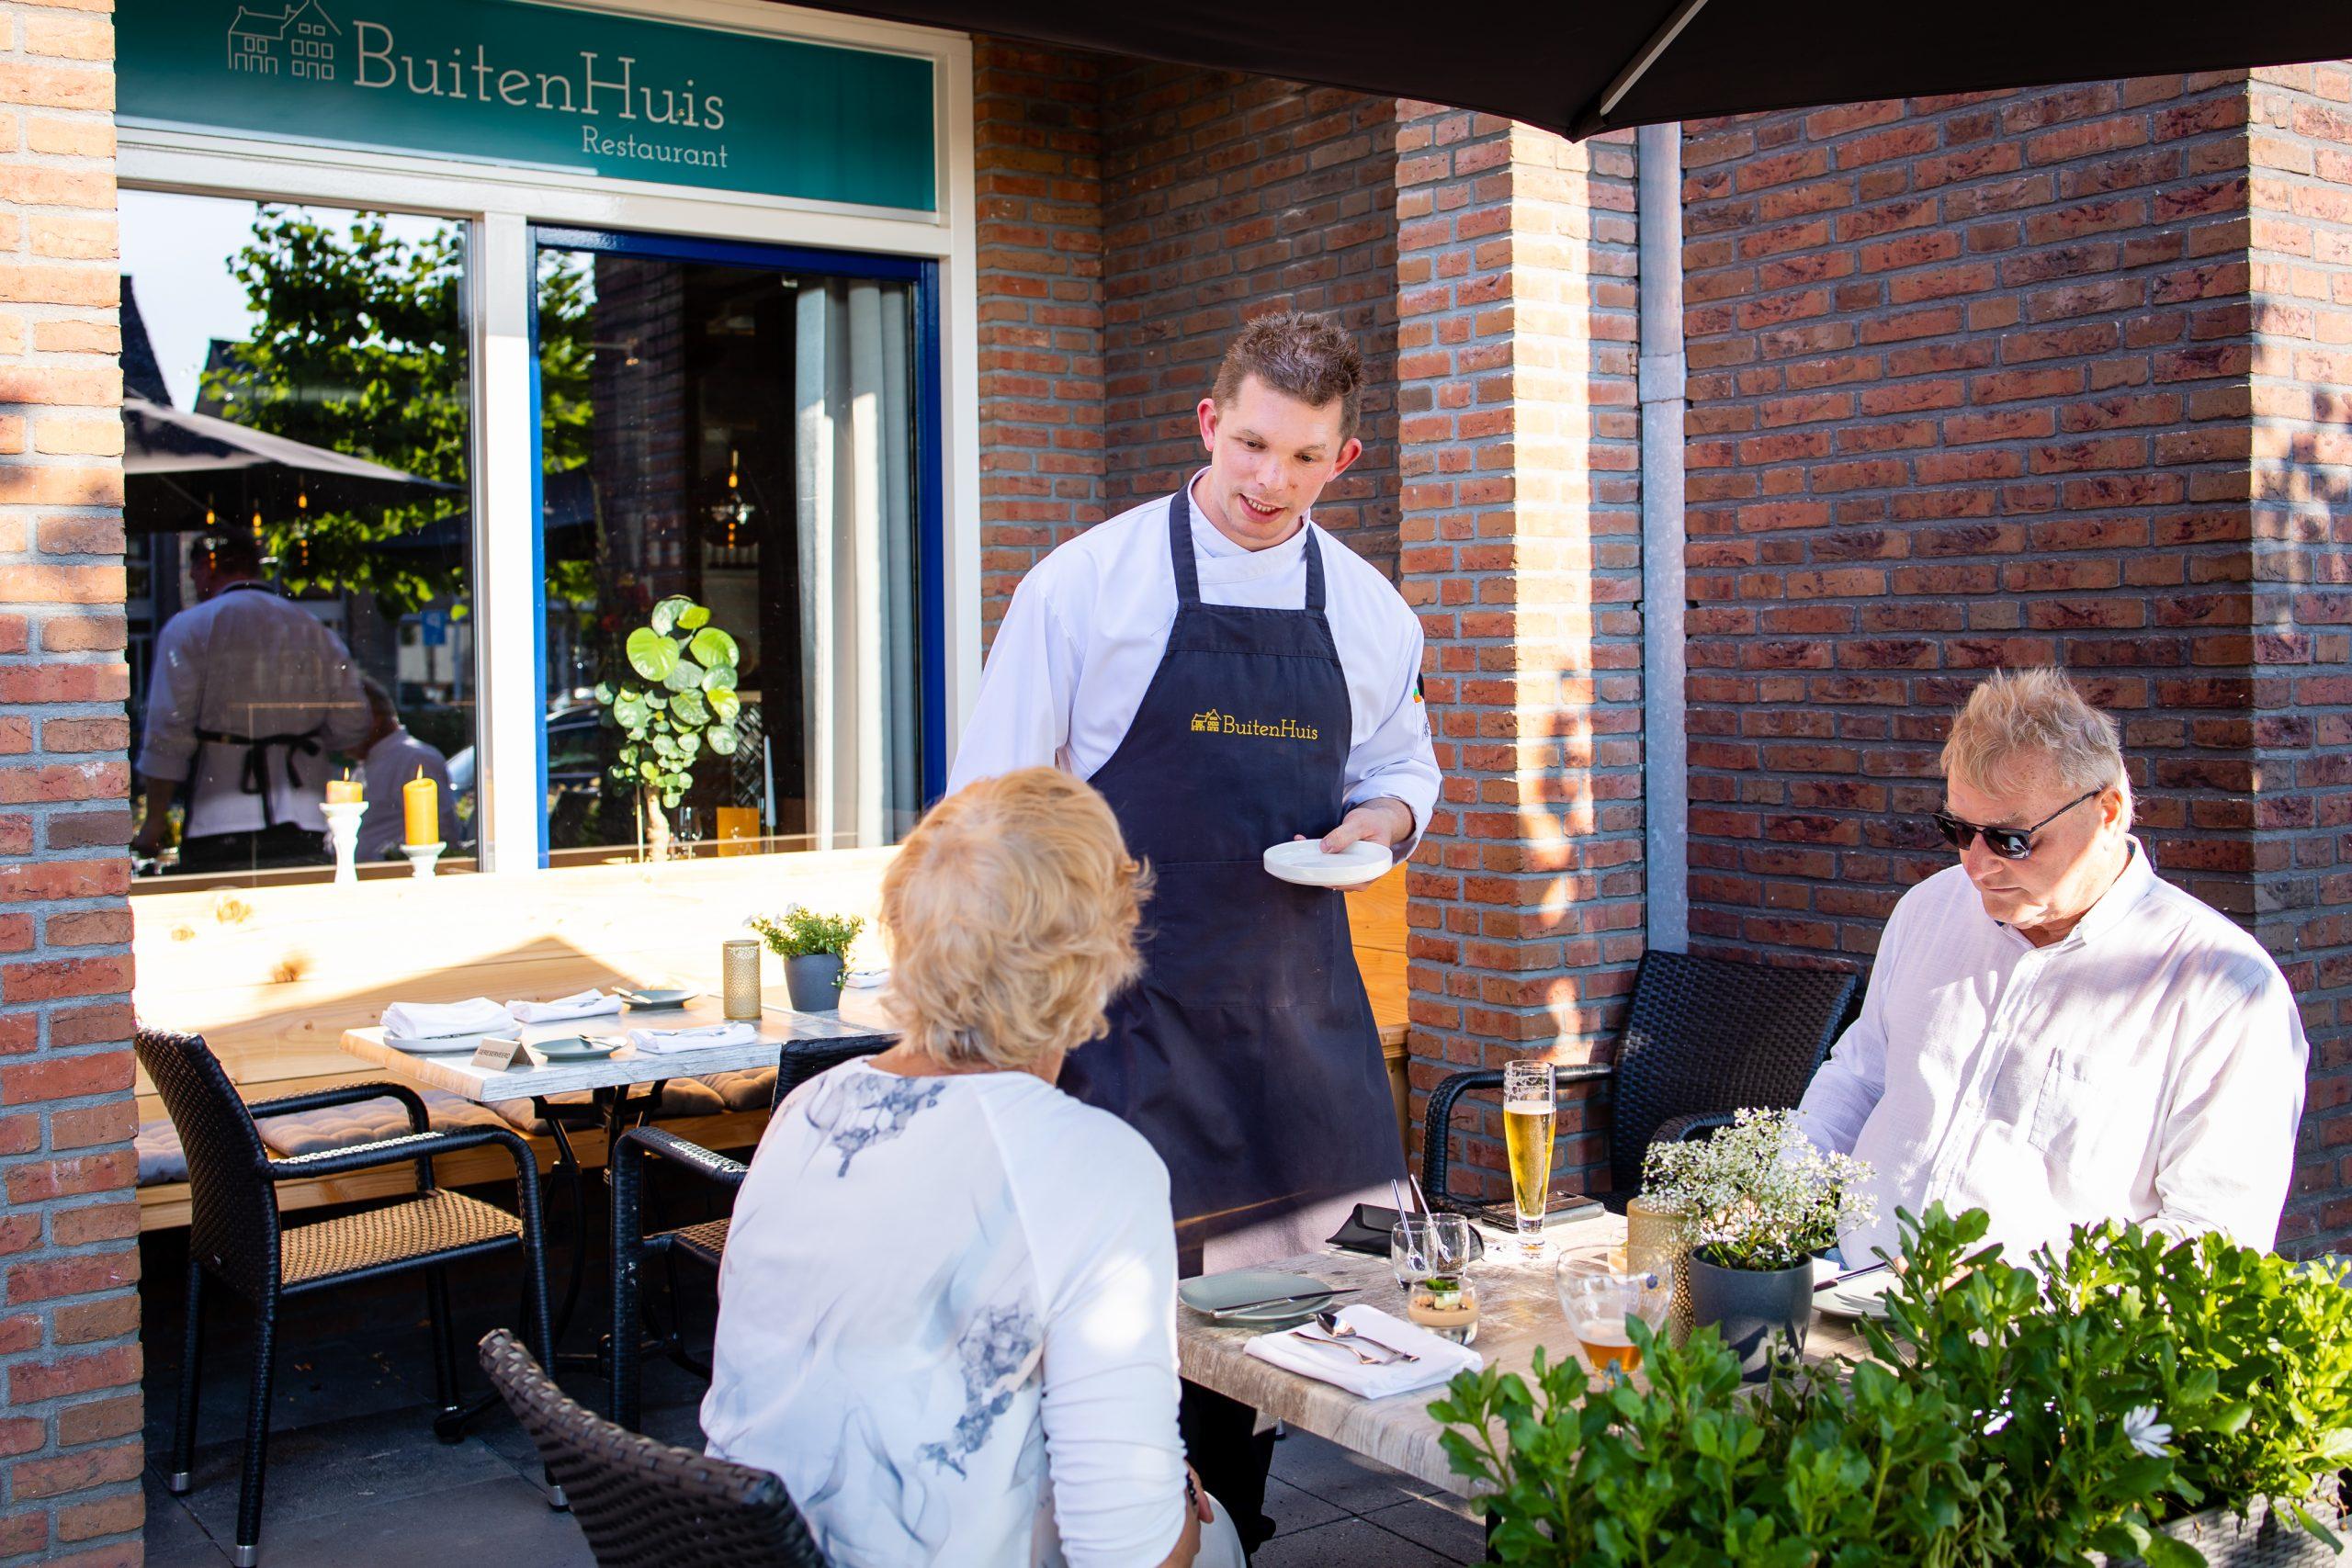 Restaurant BuitenHuis